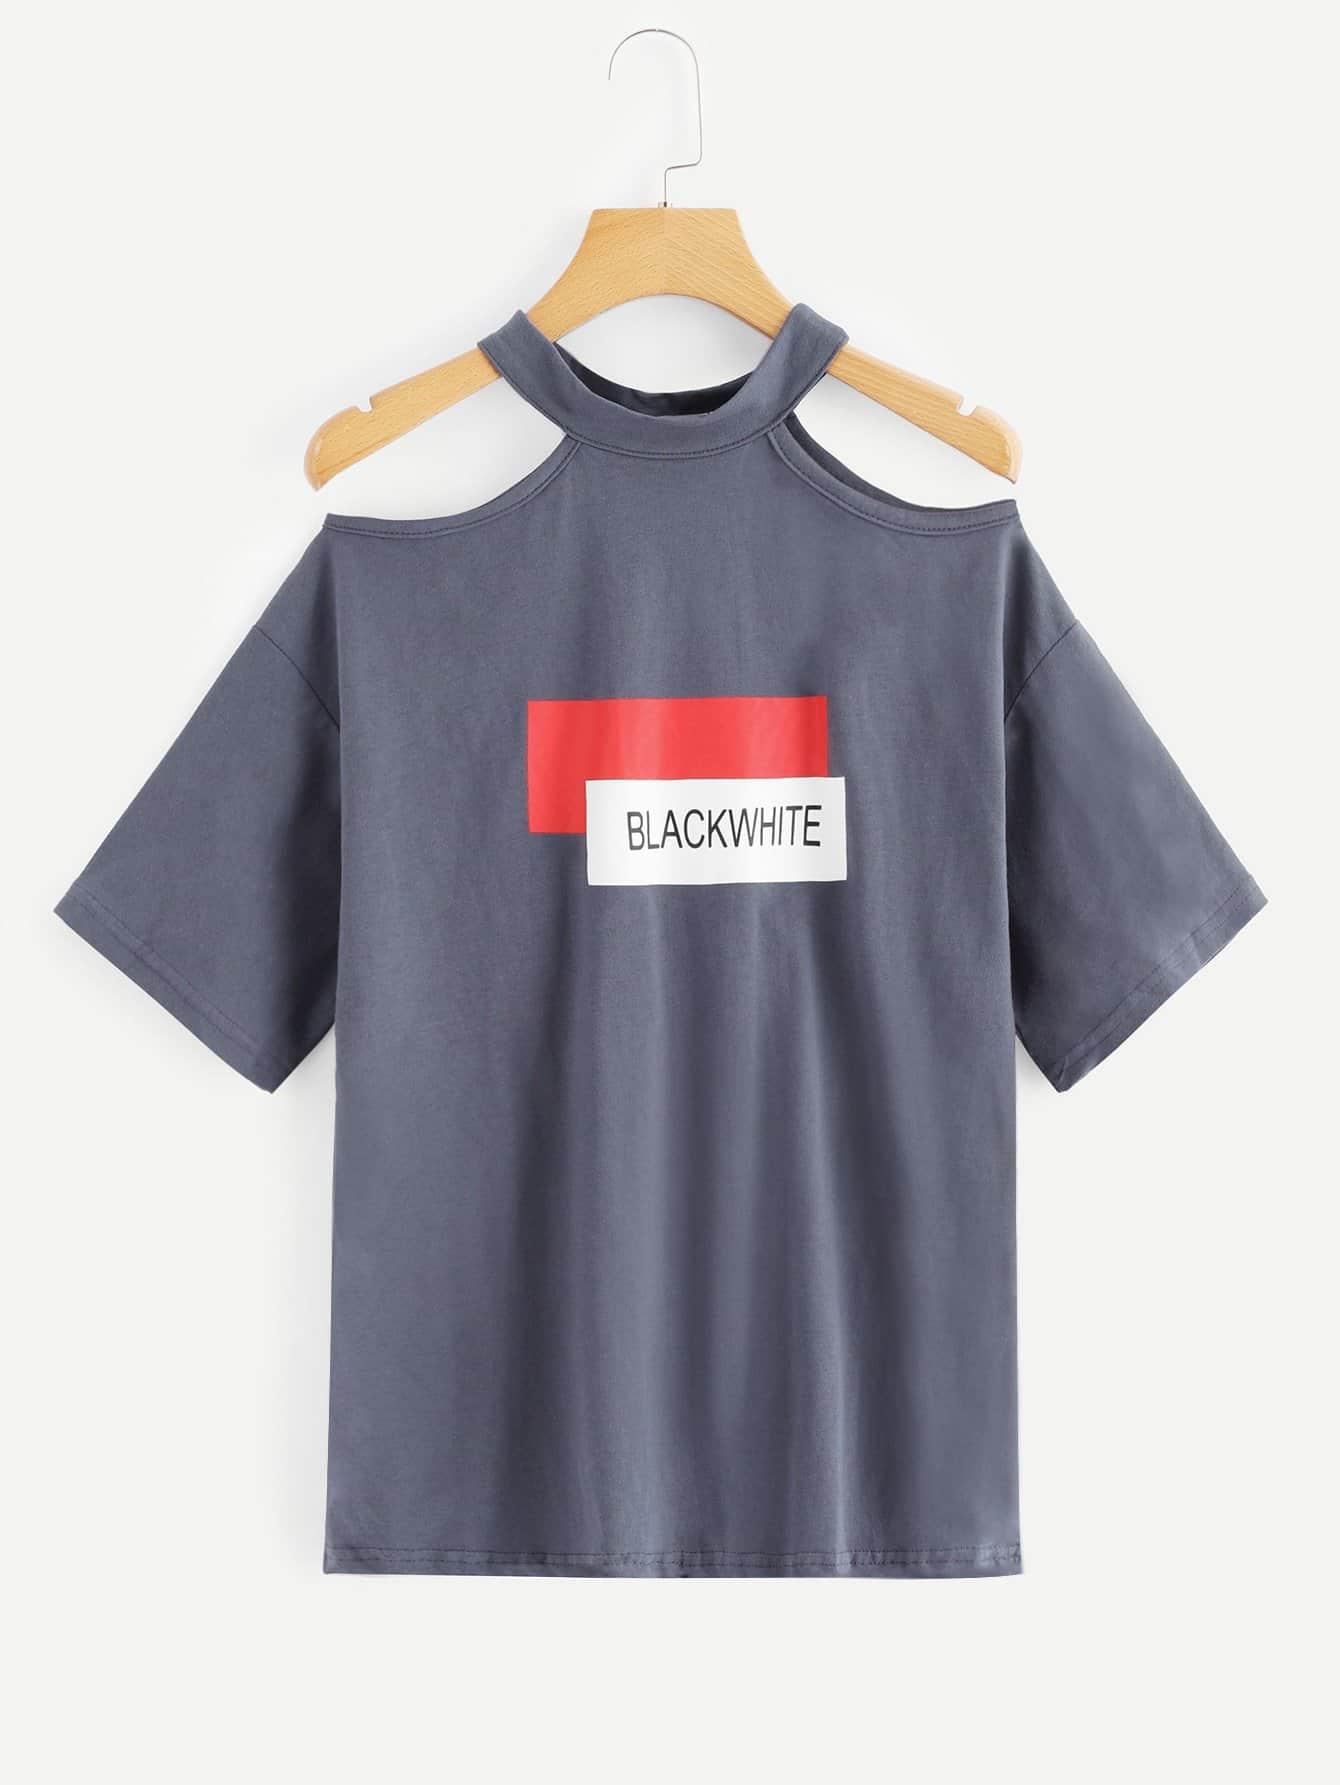 T-Shirt mit Cut Out auf dem Ausschnitt und Buchstabenmuster